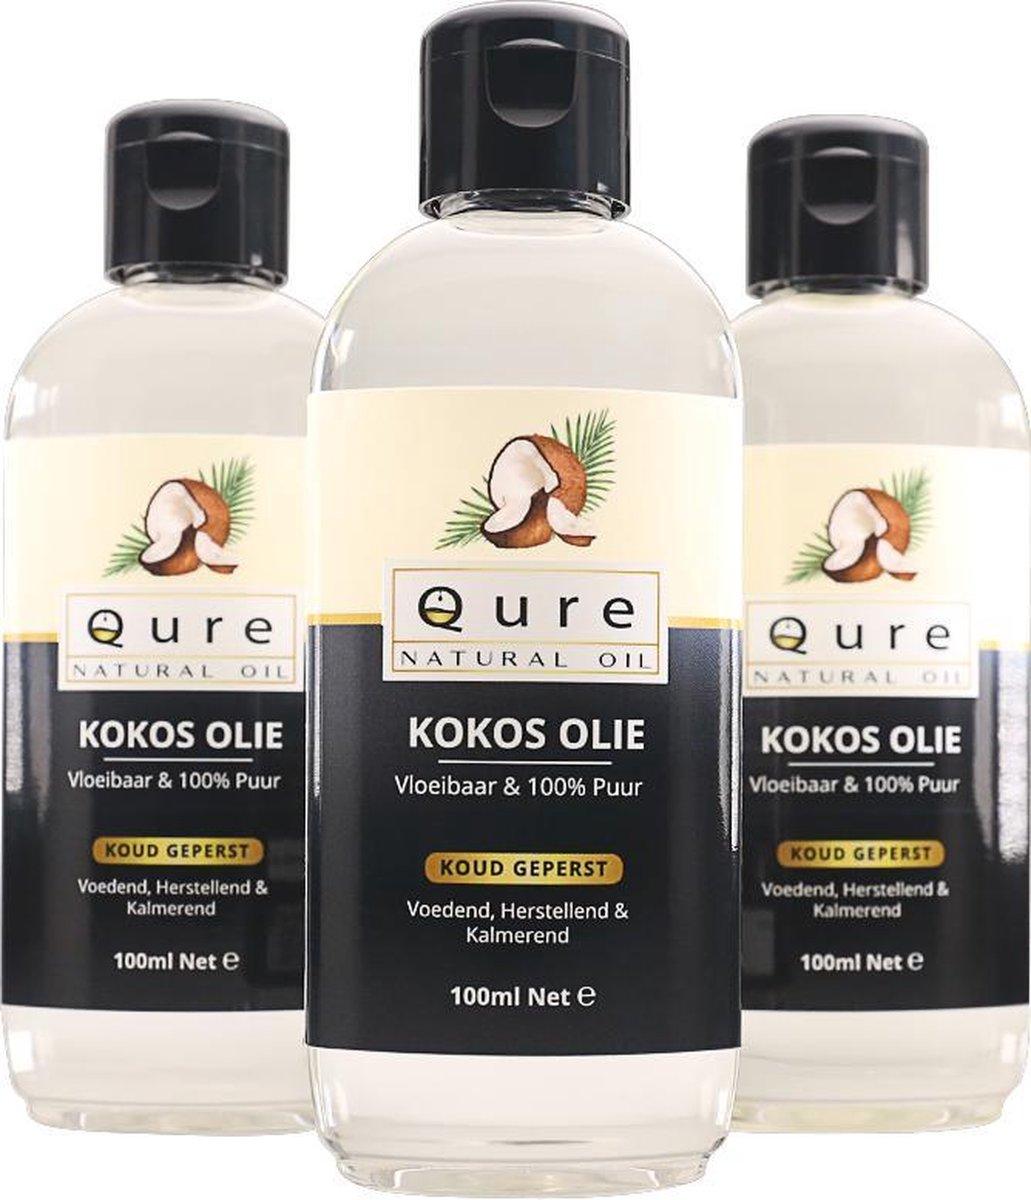 Kokosolie 100ml   100% Puur en Vloeibaar   MCT Kokos Olie voor Haar, Huid en Lichaam